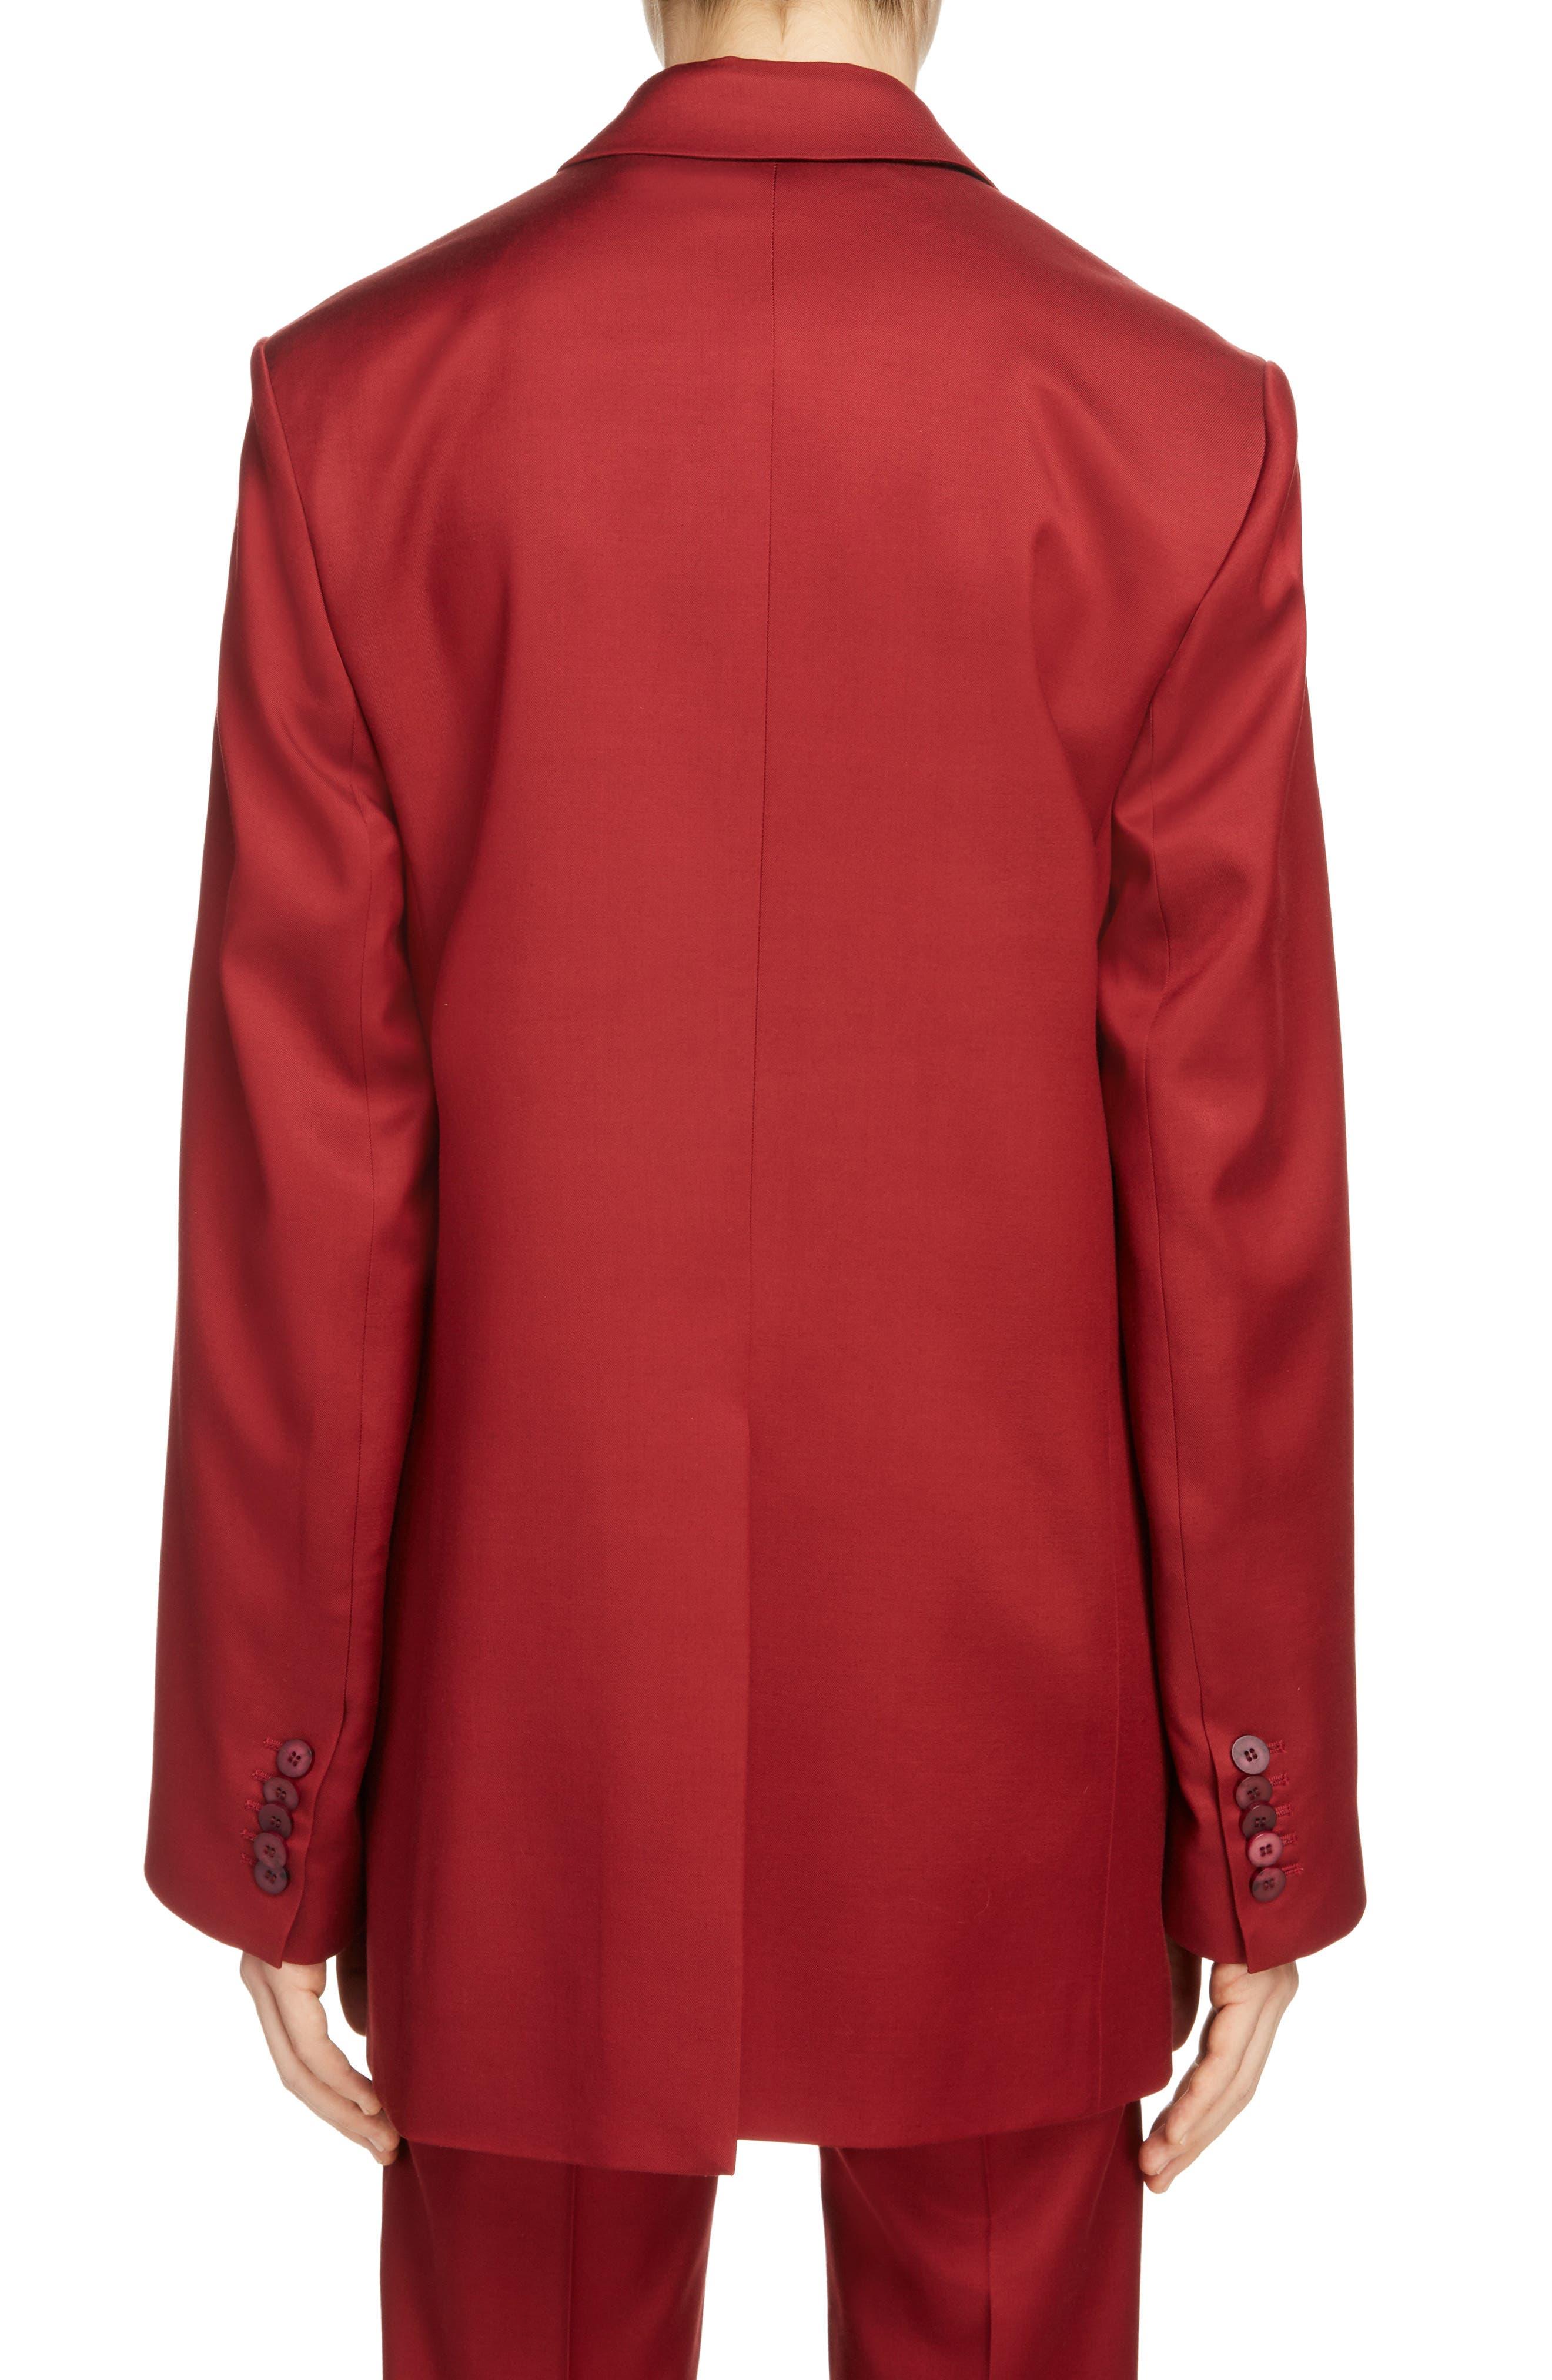 Jaria Suit Jacket,                             Alternate thumbnail 3, color,                             Crimson Red